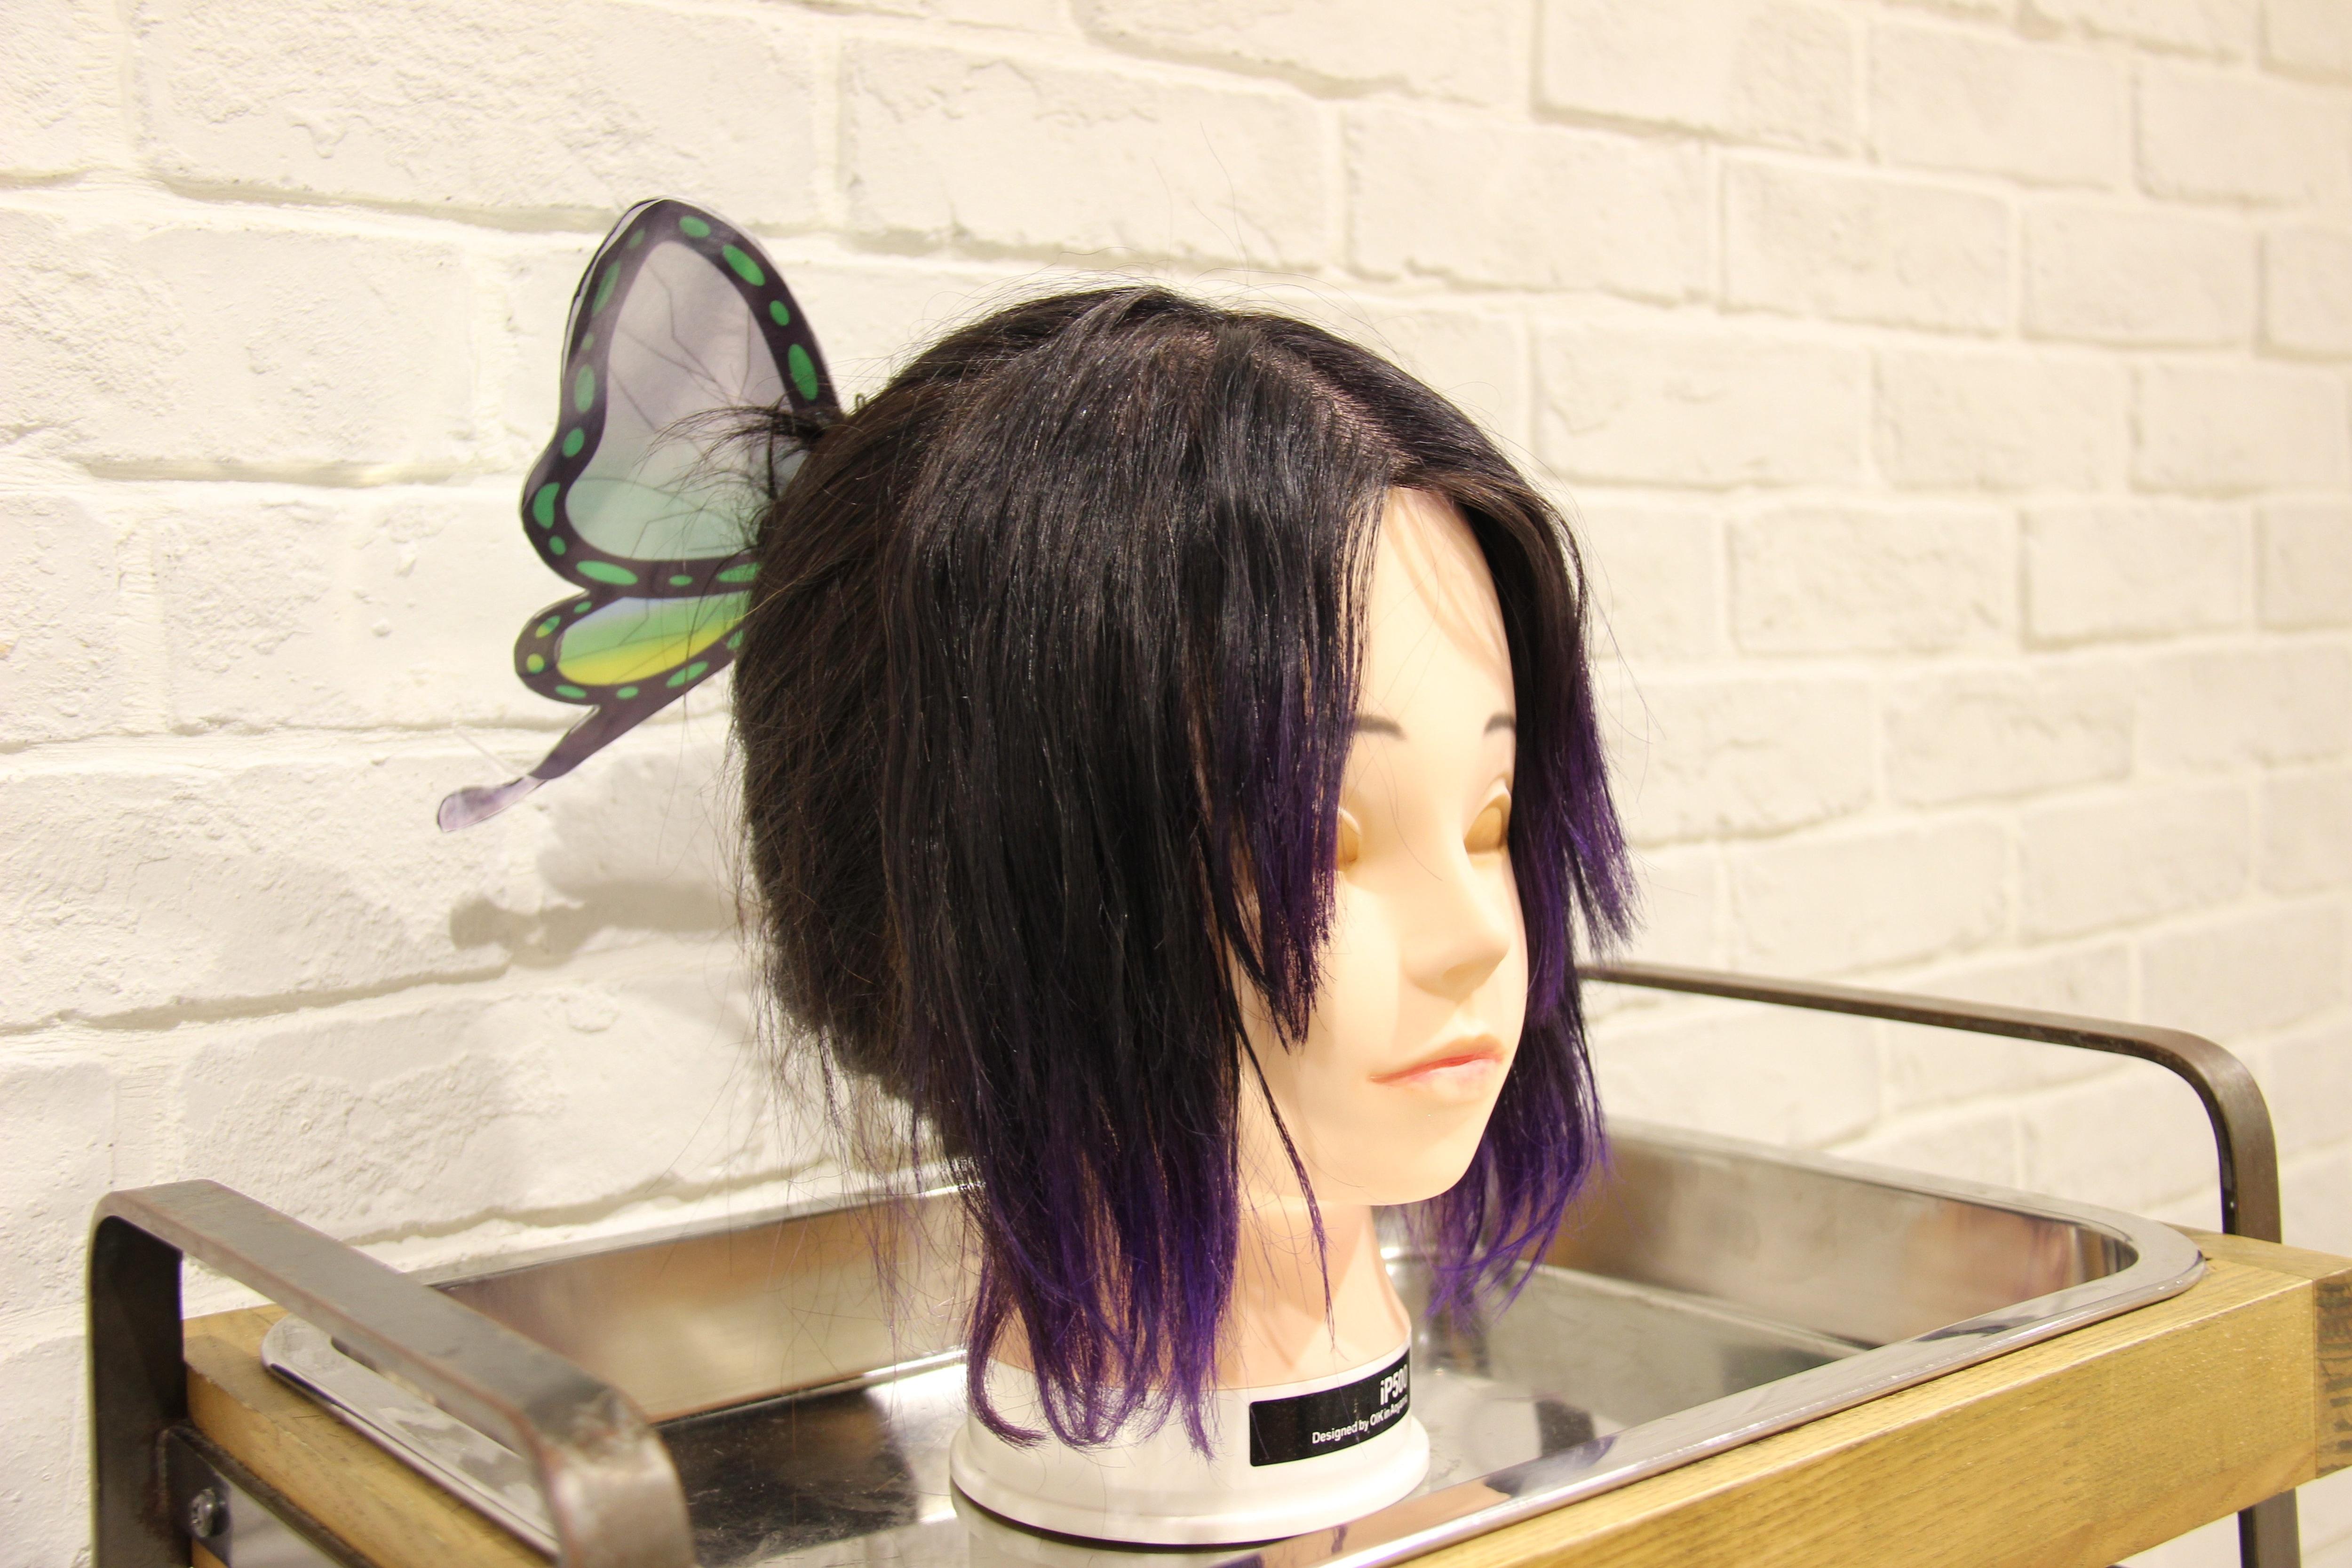 『鬼滅ヘア』『呪術廻戦ヘア』がブームに! アニ髪のカリスマが語る「アニメキャラを日常に落とし込むコツ」の画像003